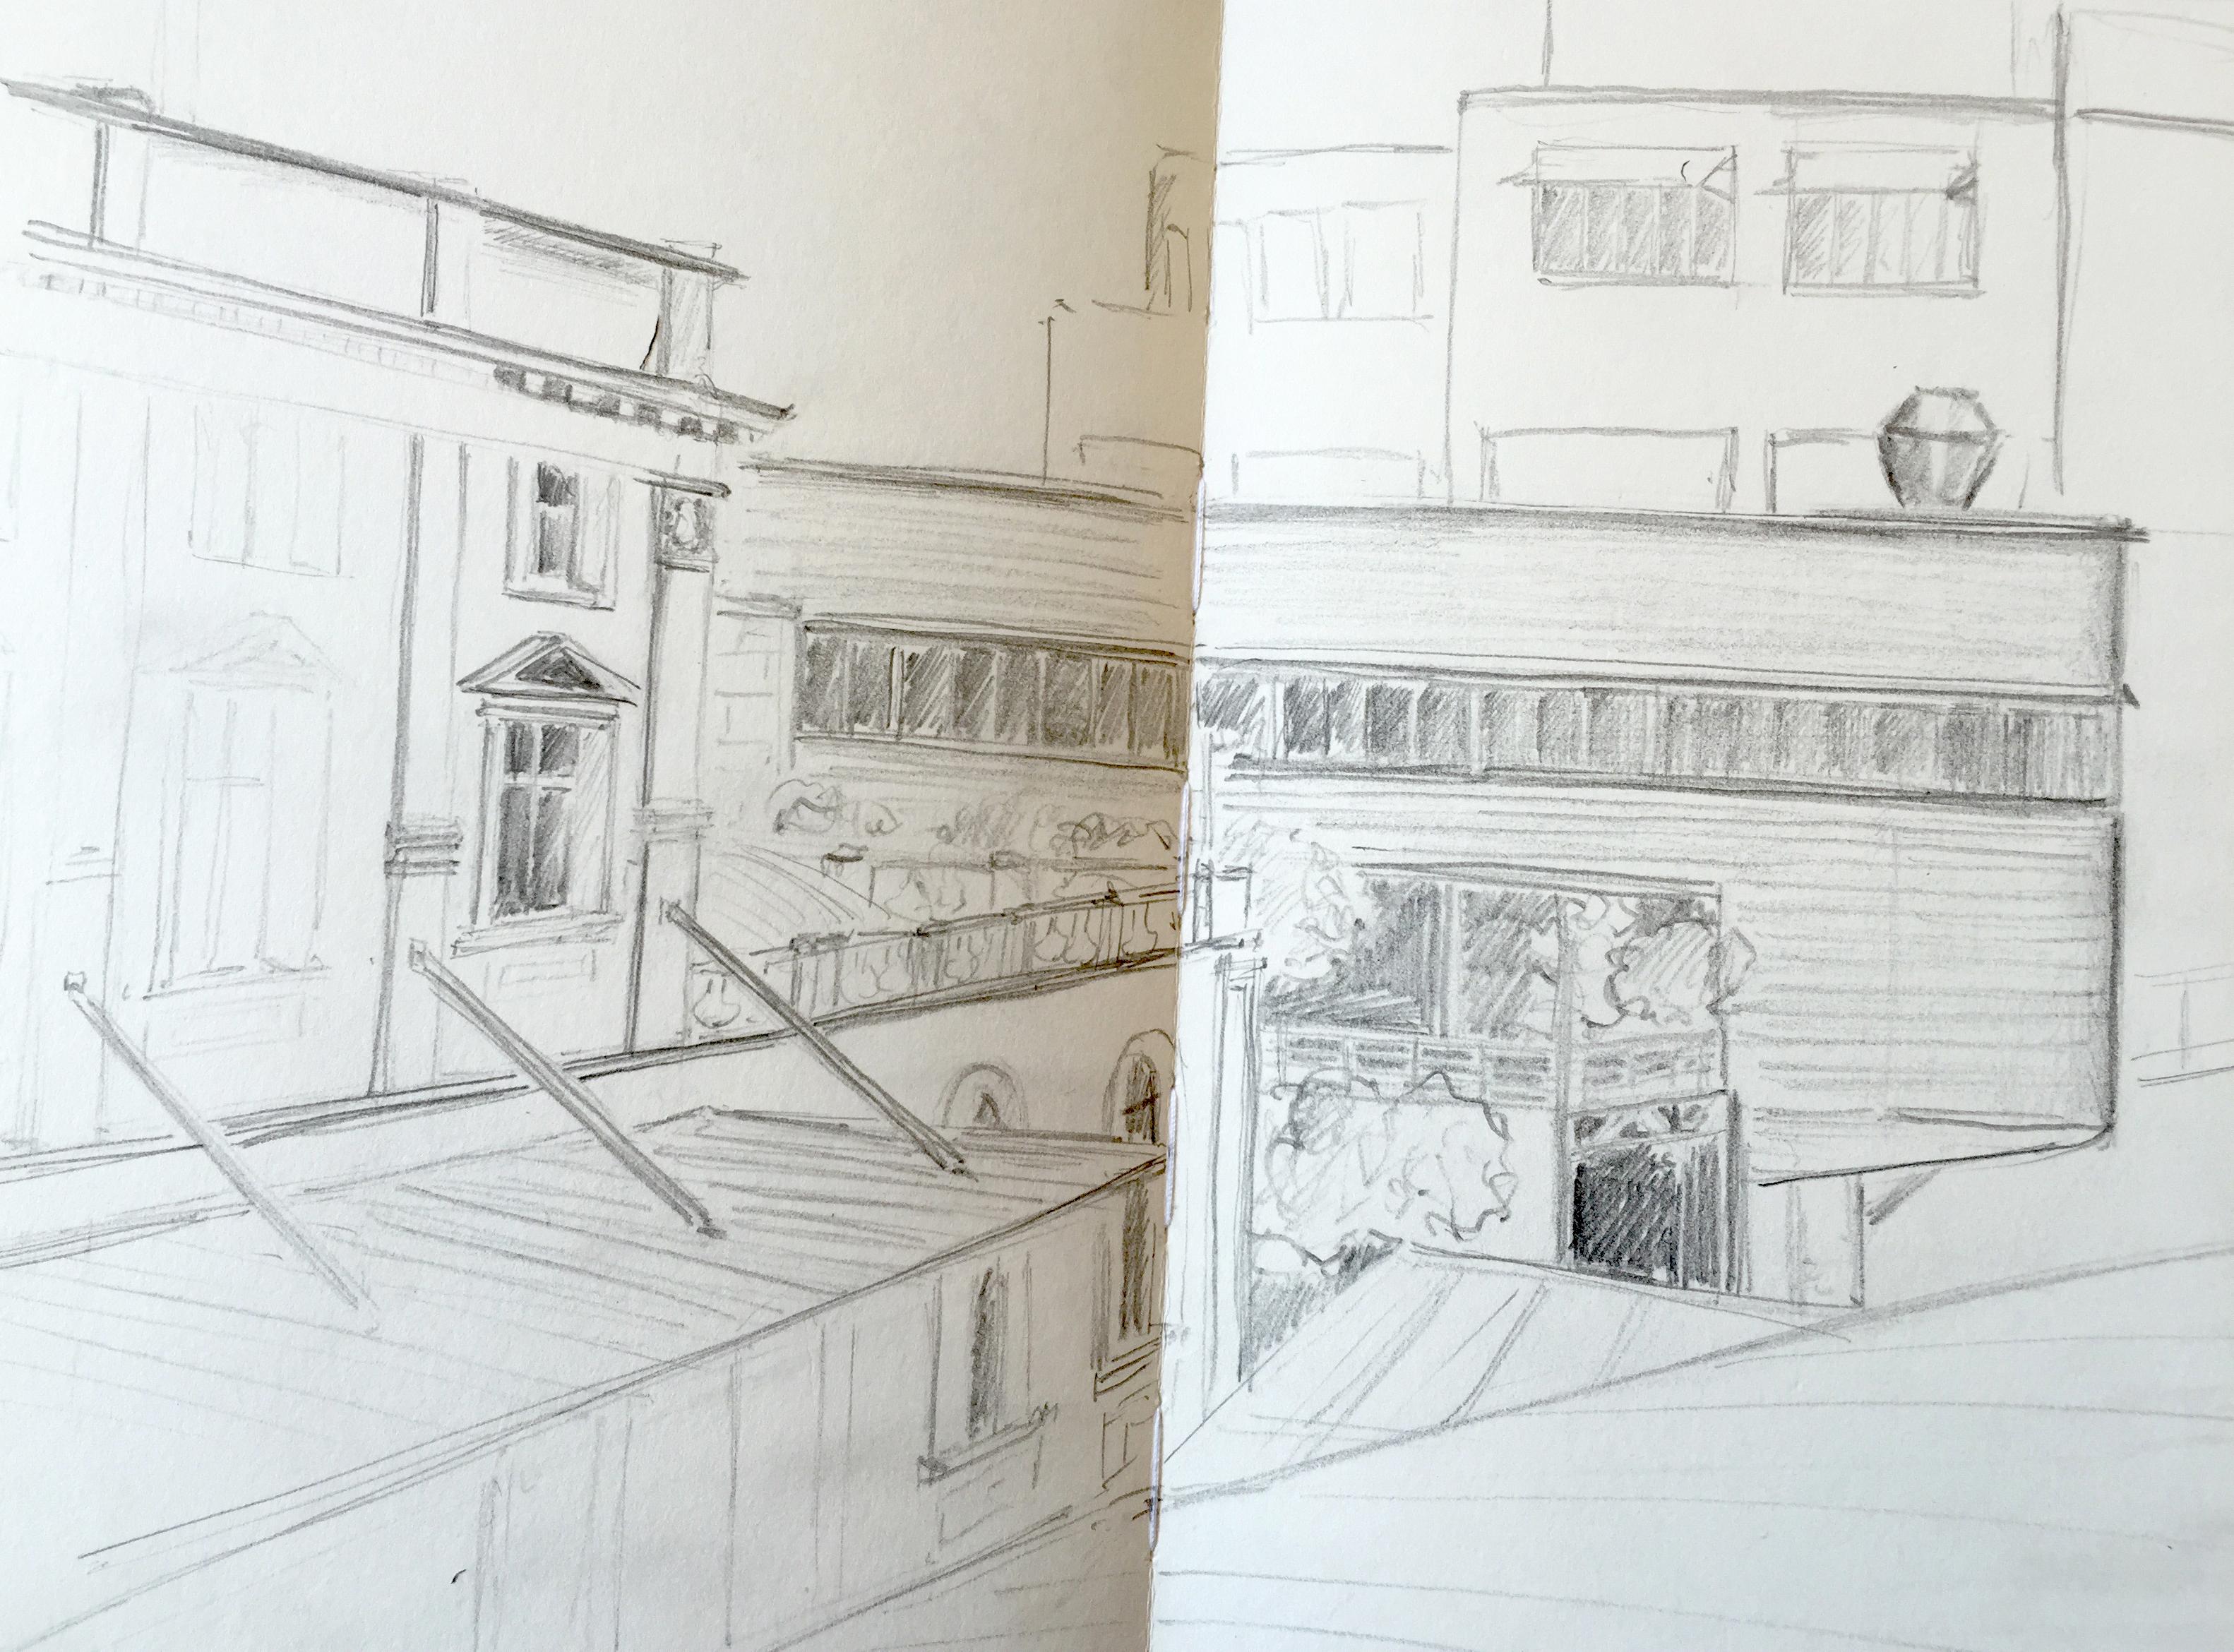 Ruth Jordi, Gebaude um den Bahnhof Stadelhofen, Astrid Amadeo, Urban Sketching, Blogg,